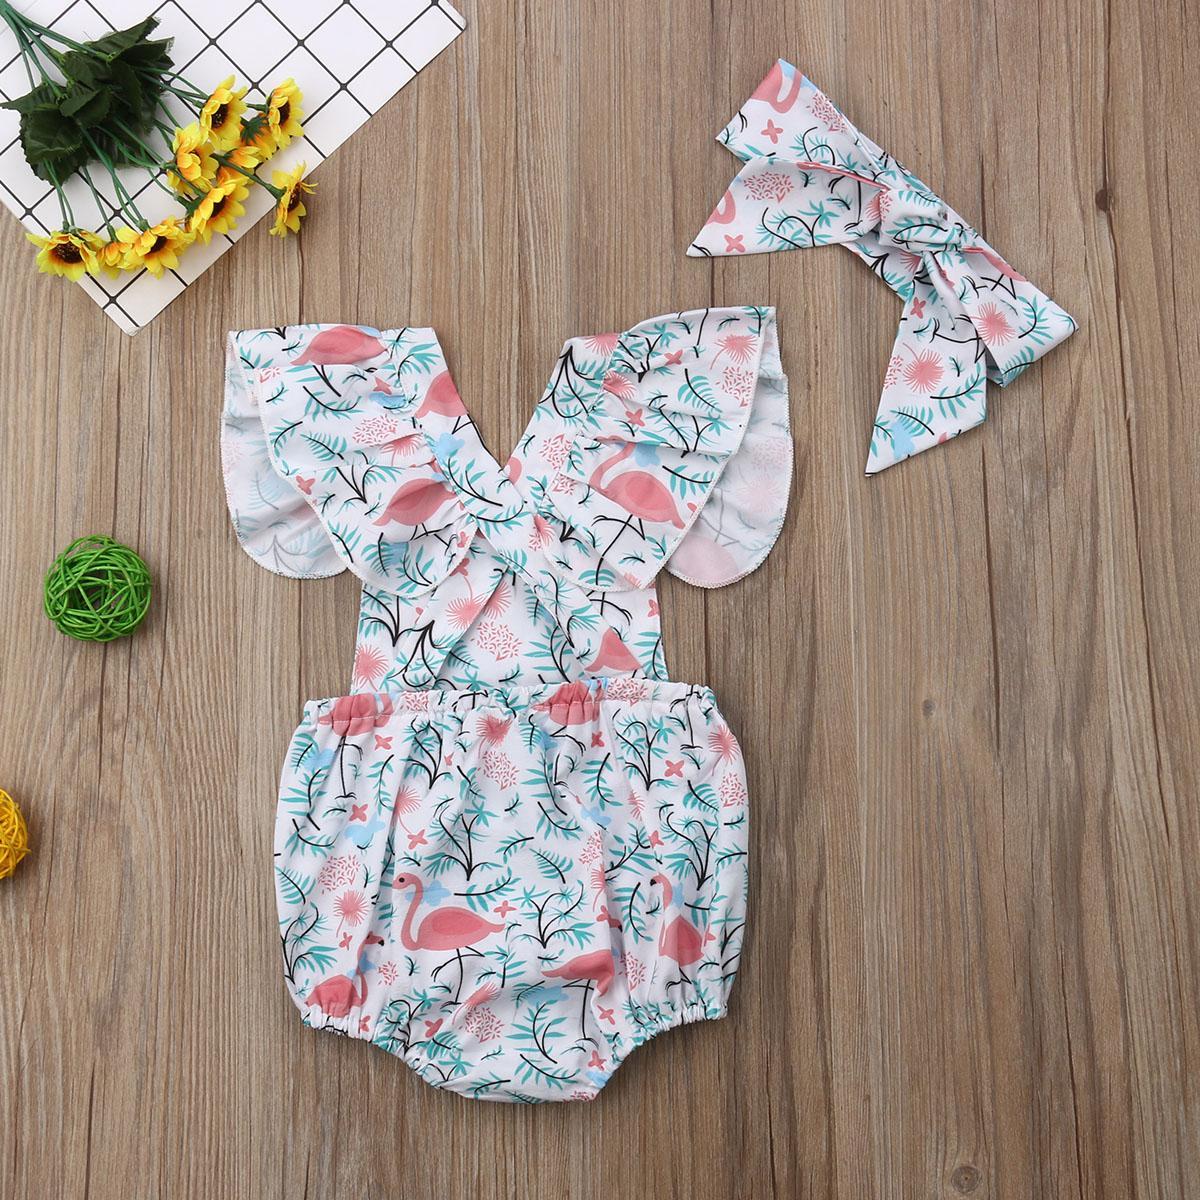 Focusnorm 0-24M neue Art und Weise Neugeborenes Baby Flamingo Spielanzug-Karikatur-Quadrat-Kragen-Stirnband-Sommer-Outfits Kleidung